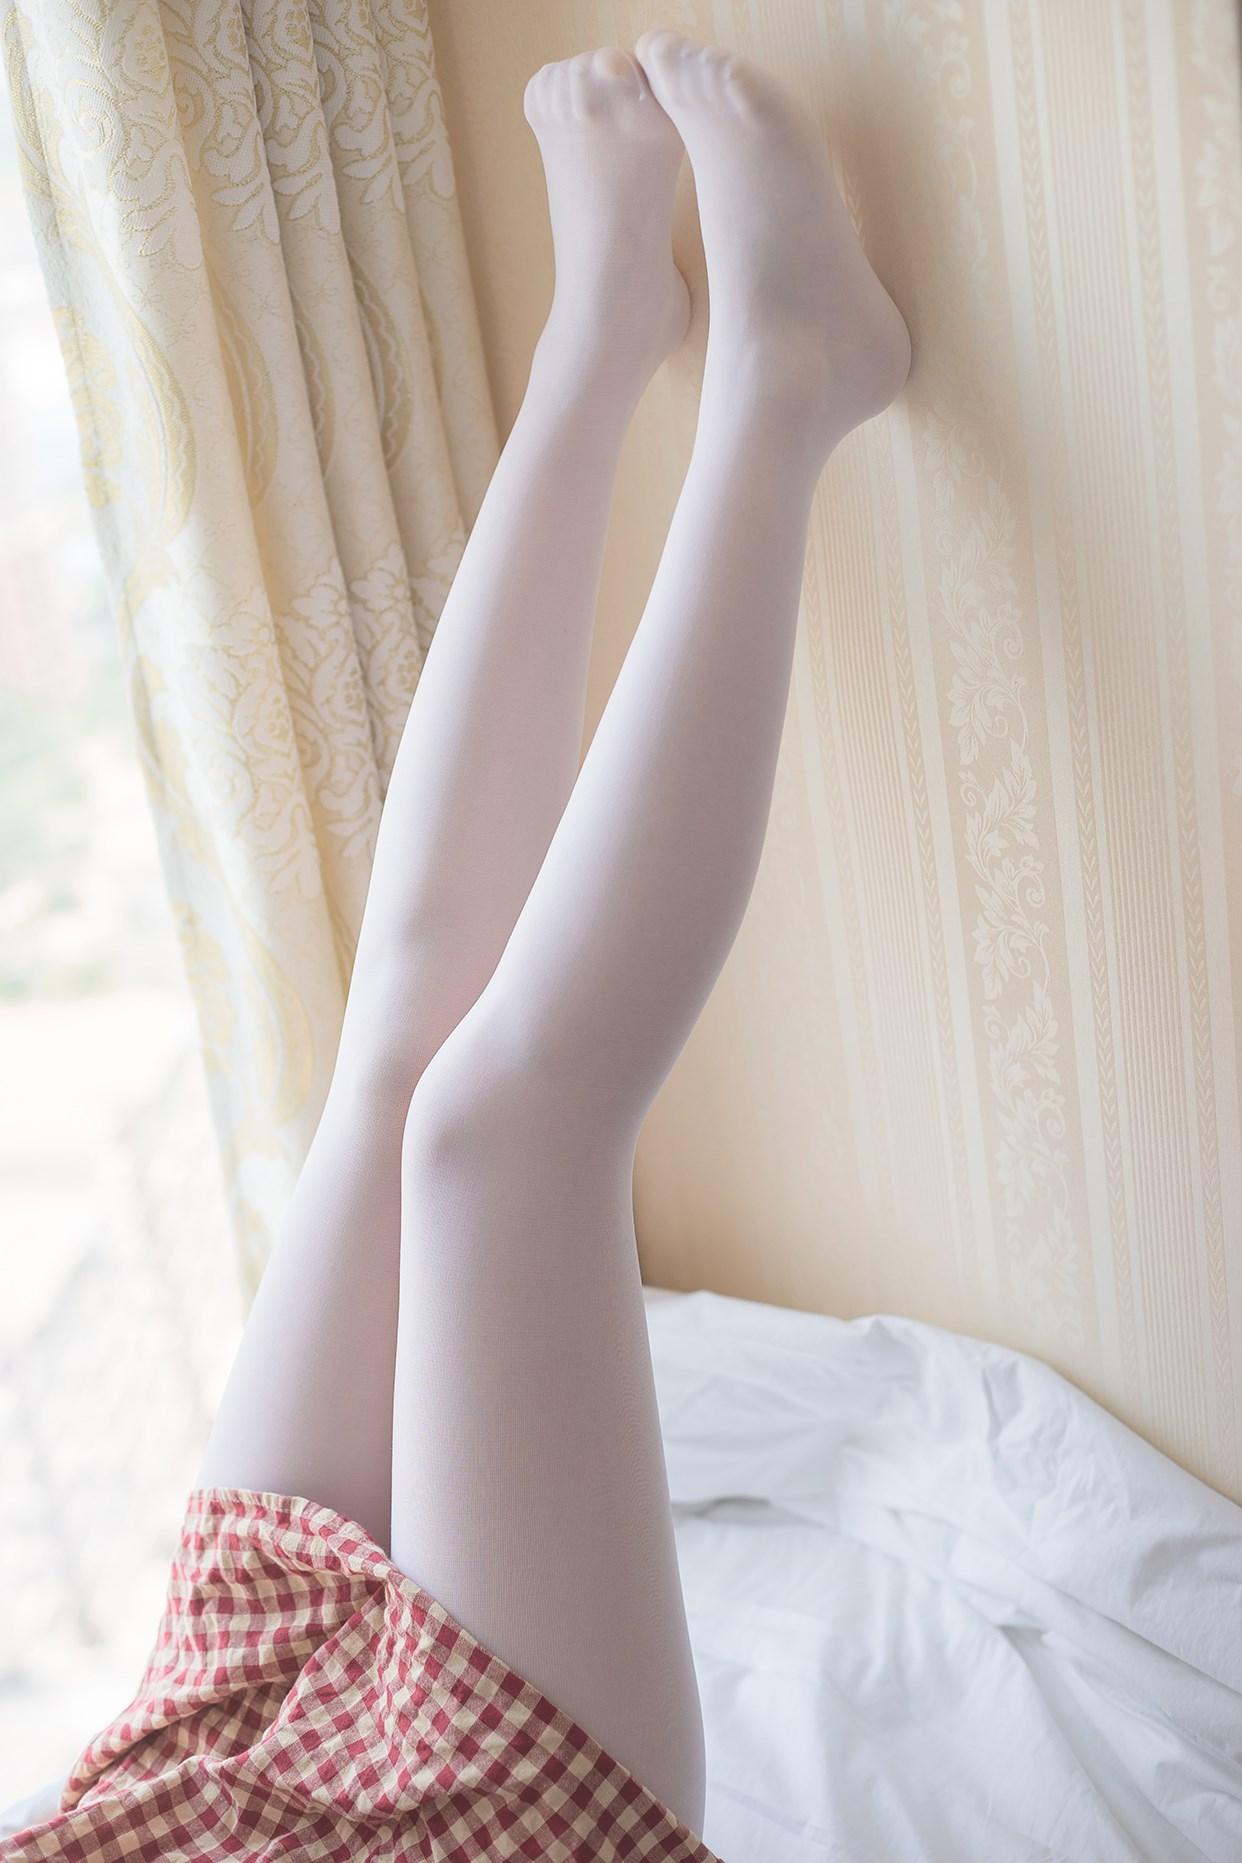 【兔玩映画】萝莉的白丝袜 兔玩映画 第6张